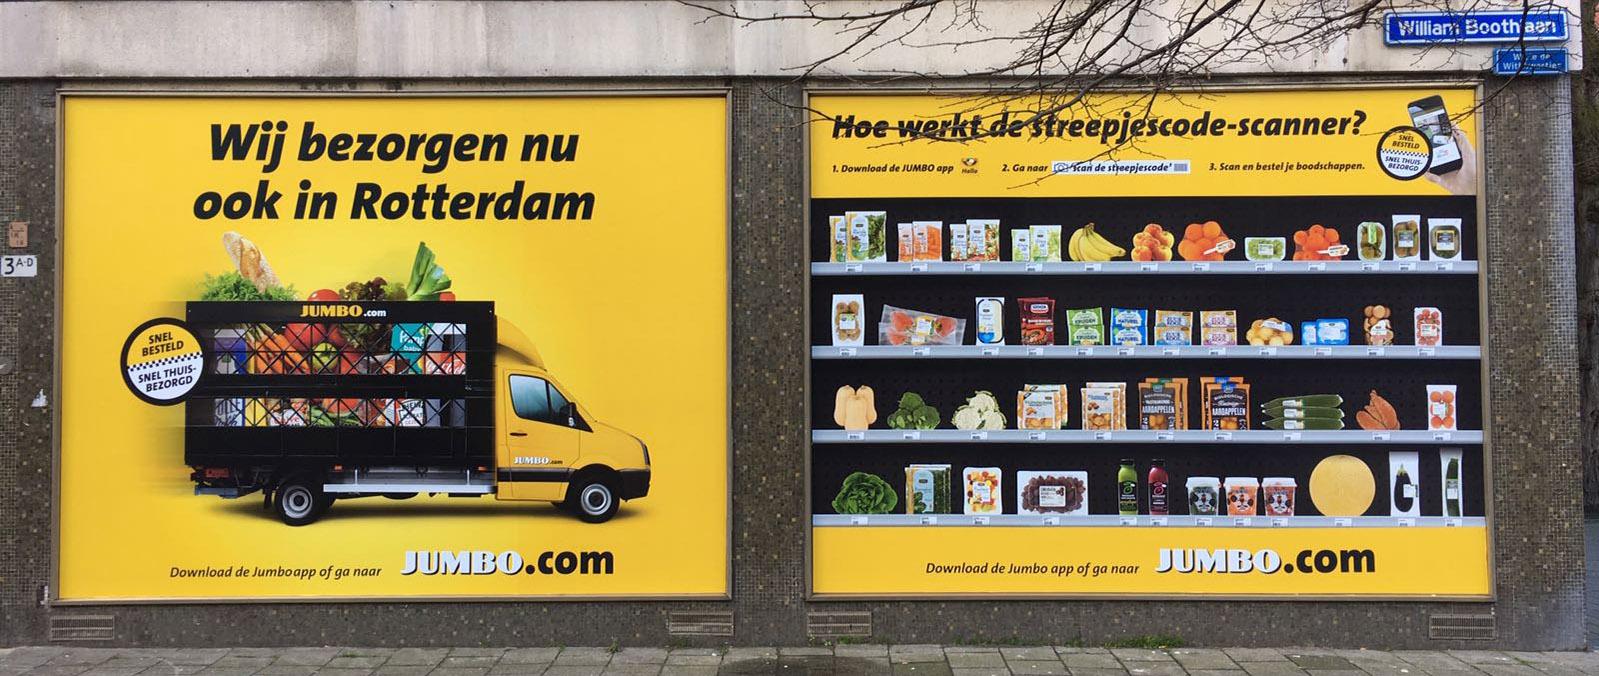 Virtuele supermarkt van Jumbo in Rotterdam